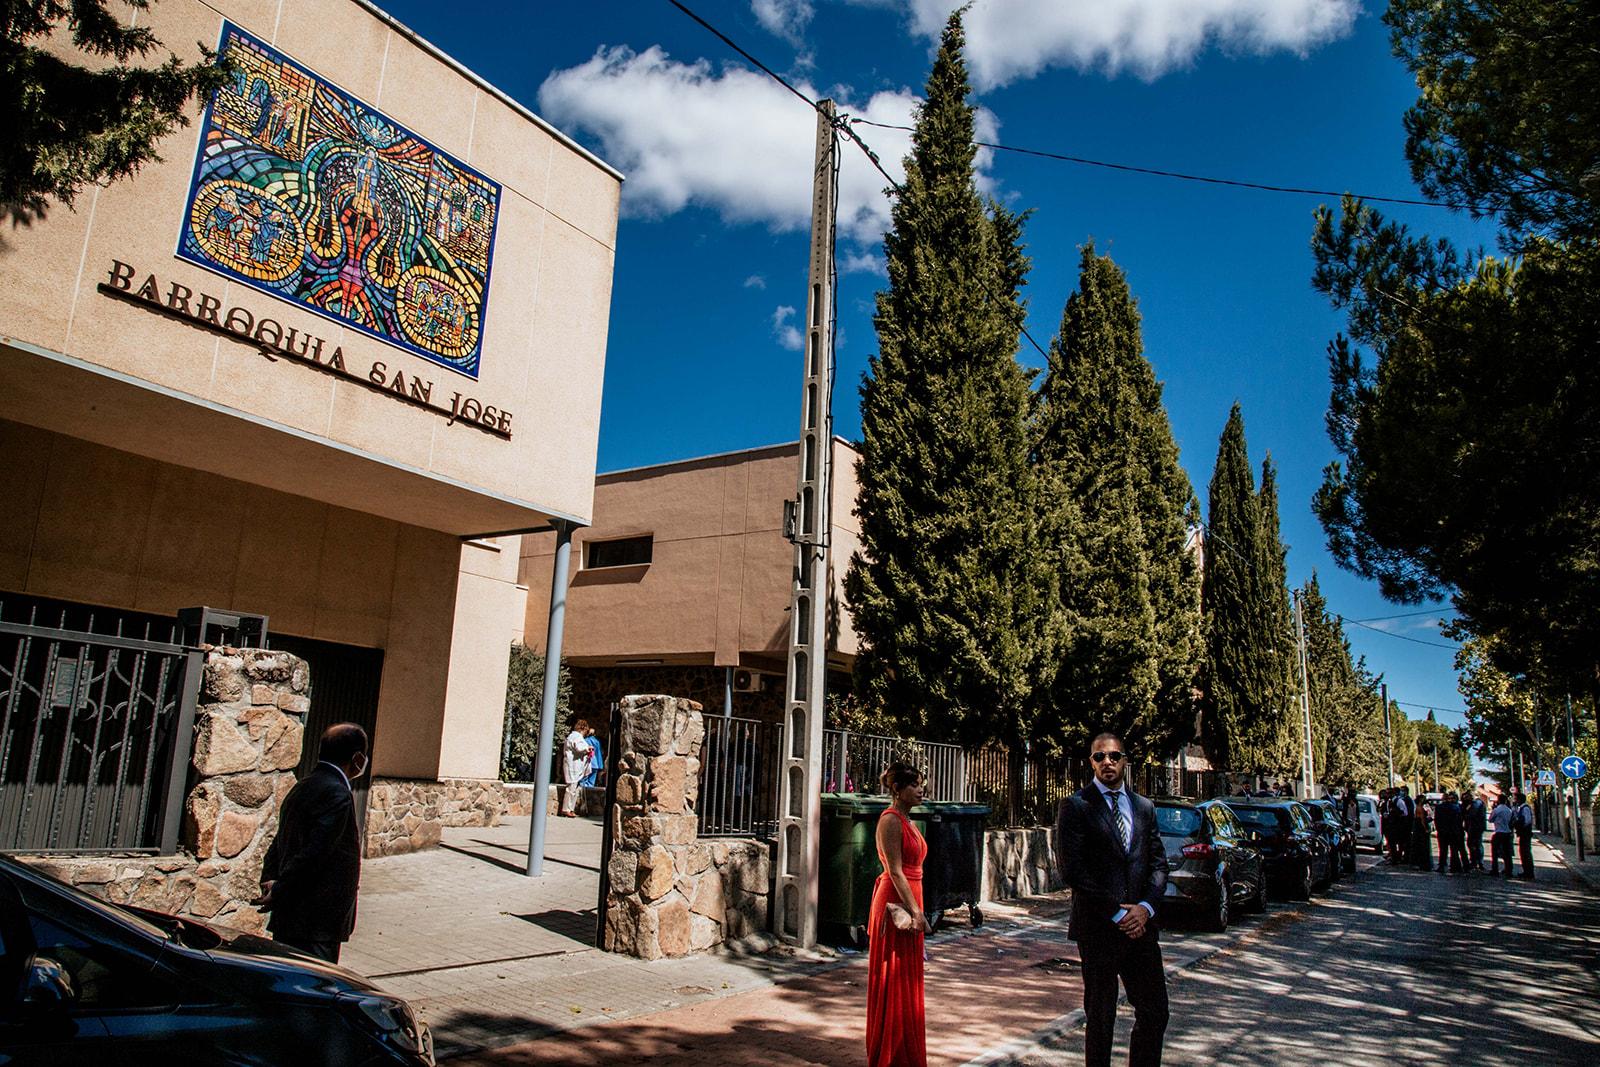 Parroquia San Jose Las Matas